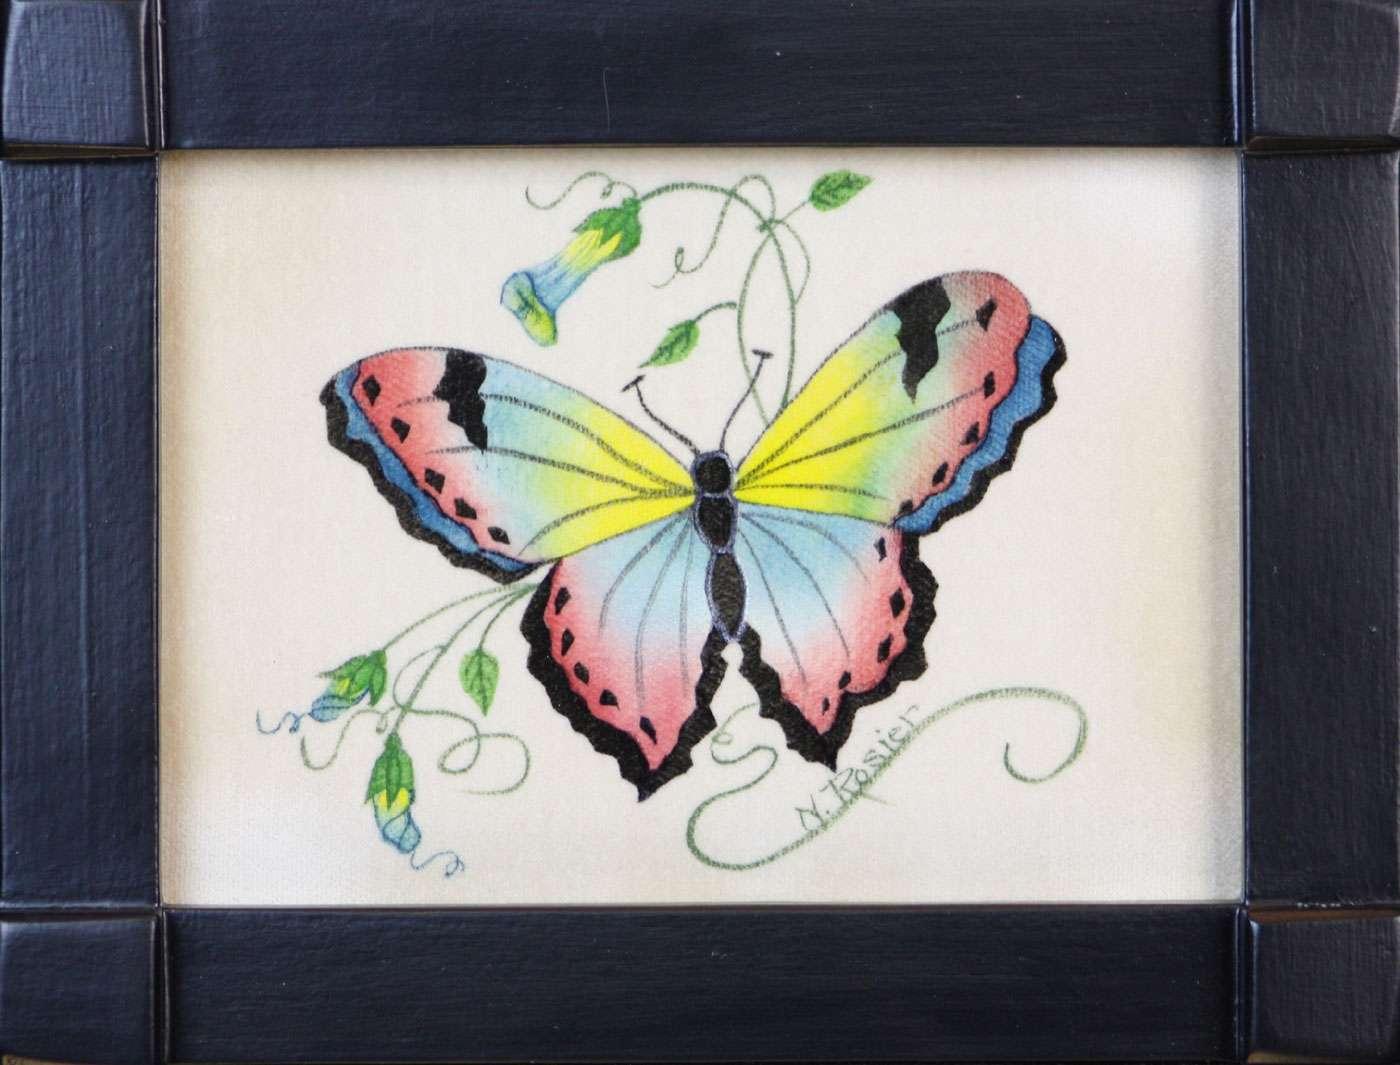 Butterfly painting #191 by American folk artist Nancy Rosier